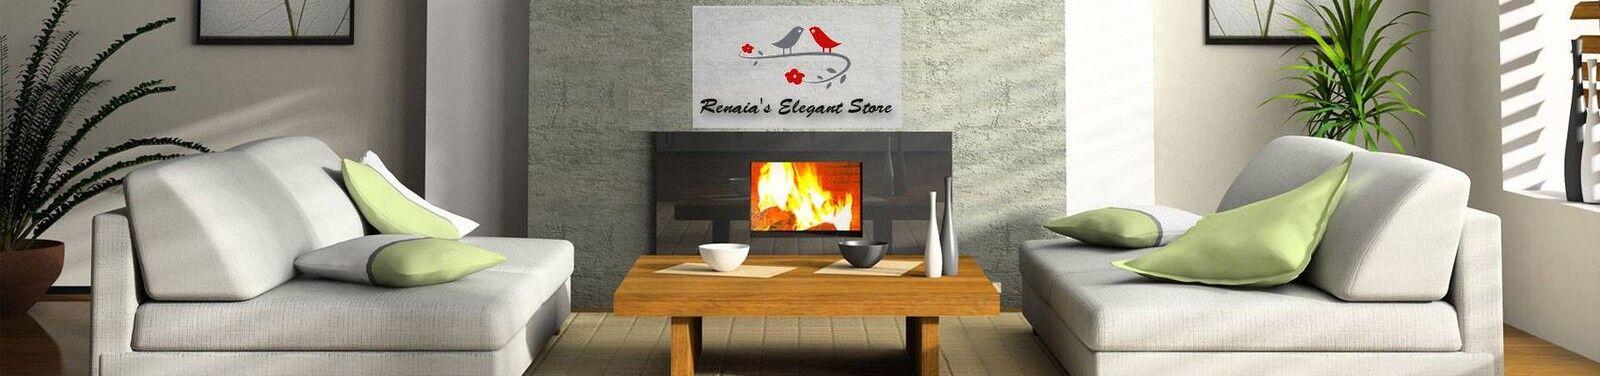 Renaia s Elegant Store